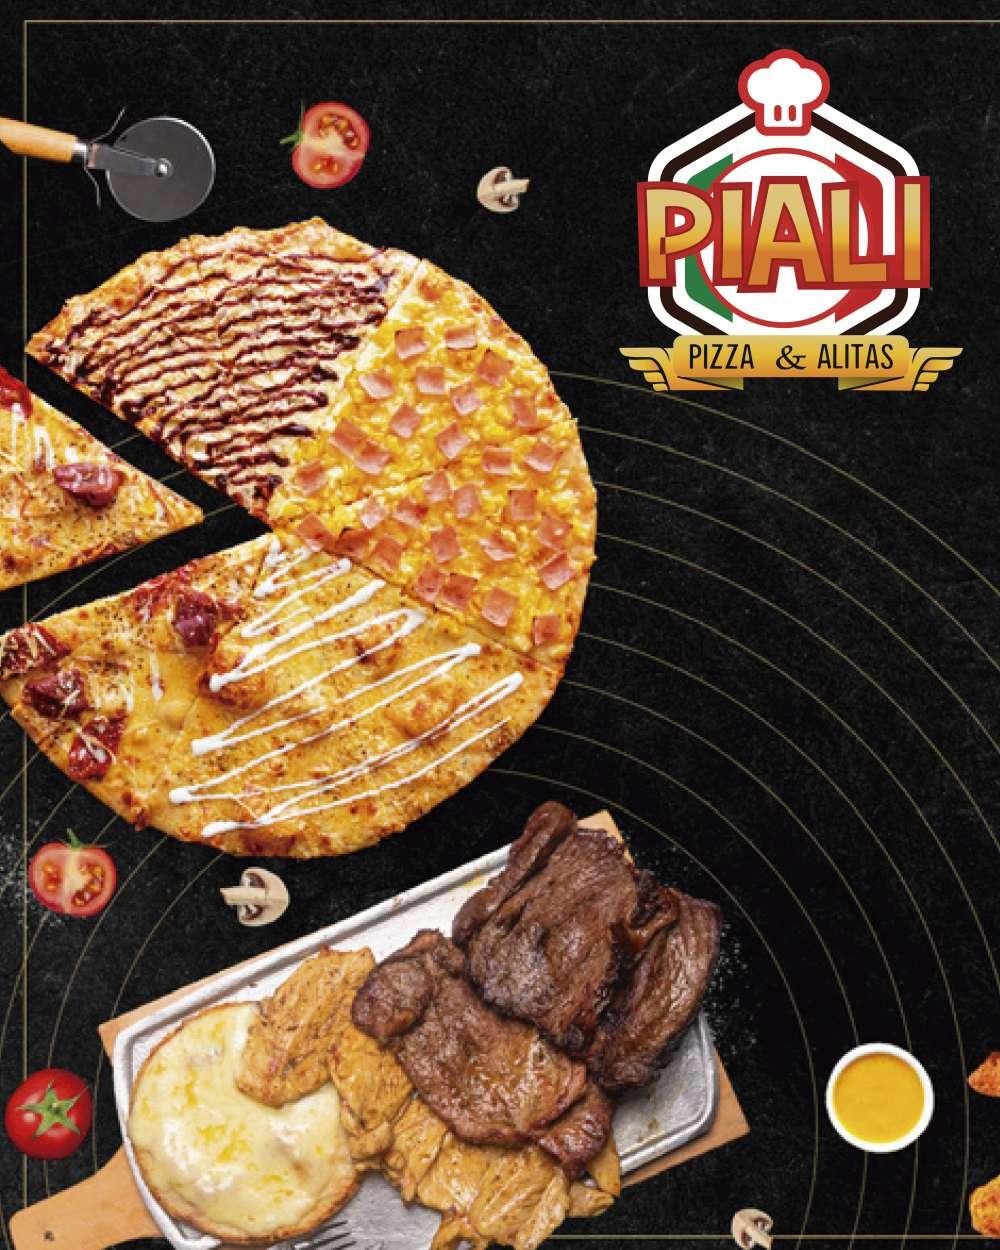 Piali Pizza y Alitas